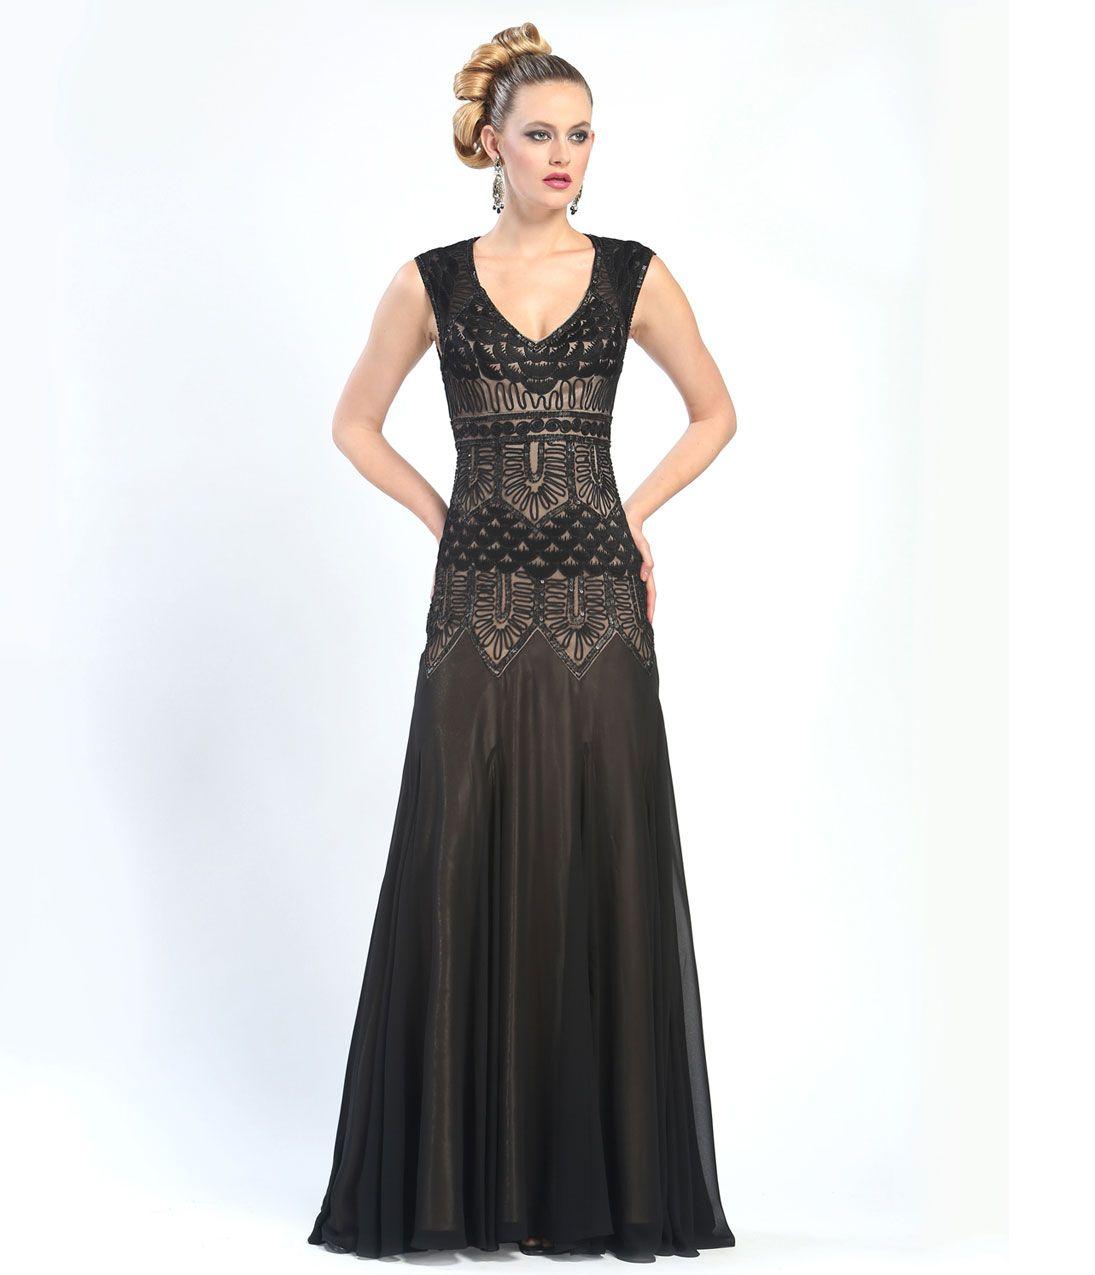 1930S Evening Dress  Vintage Formal Dresses  June Bridals